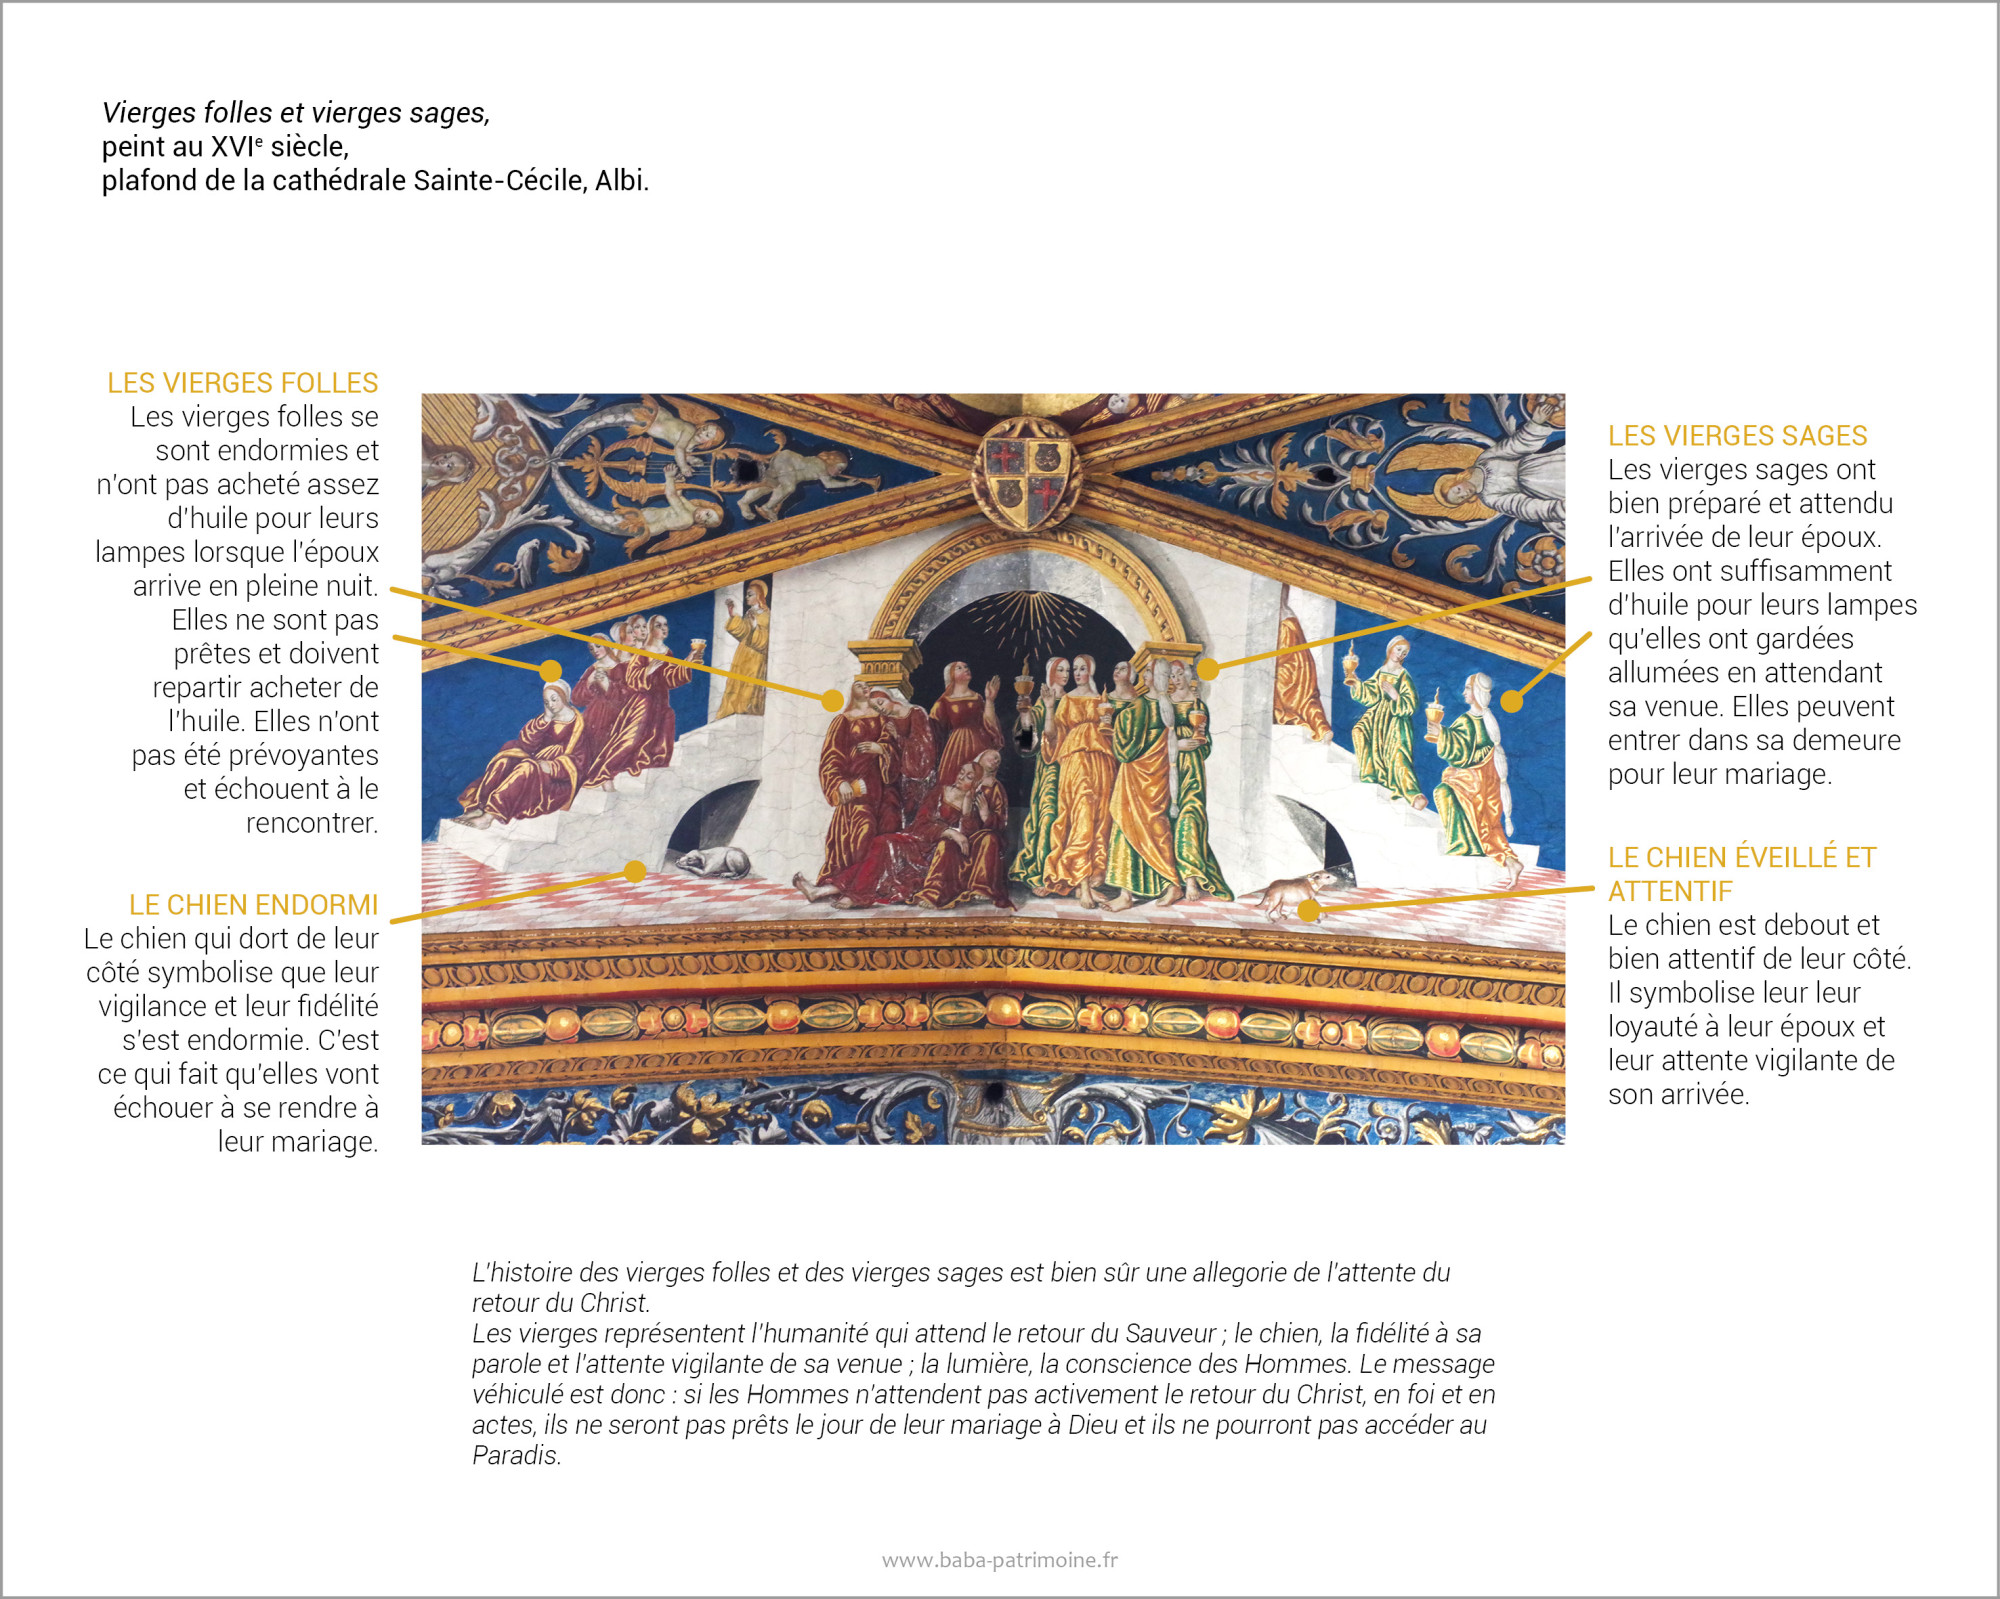 Vierges folles et vierges sages, peint au XVIe siècle, plafond de la cathédrale Sainte-Cécile, Albi.